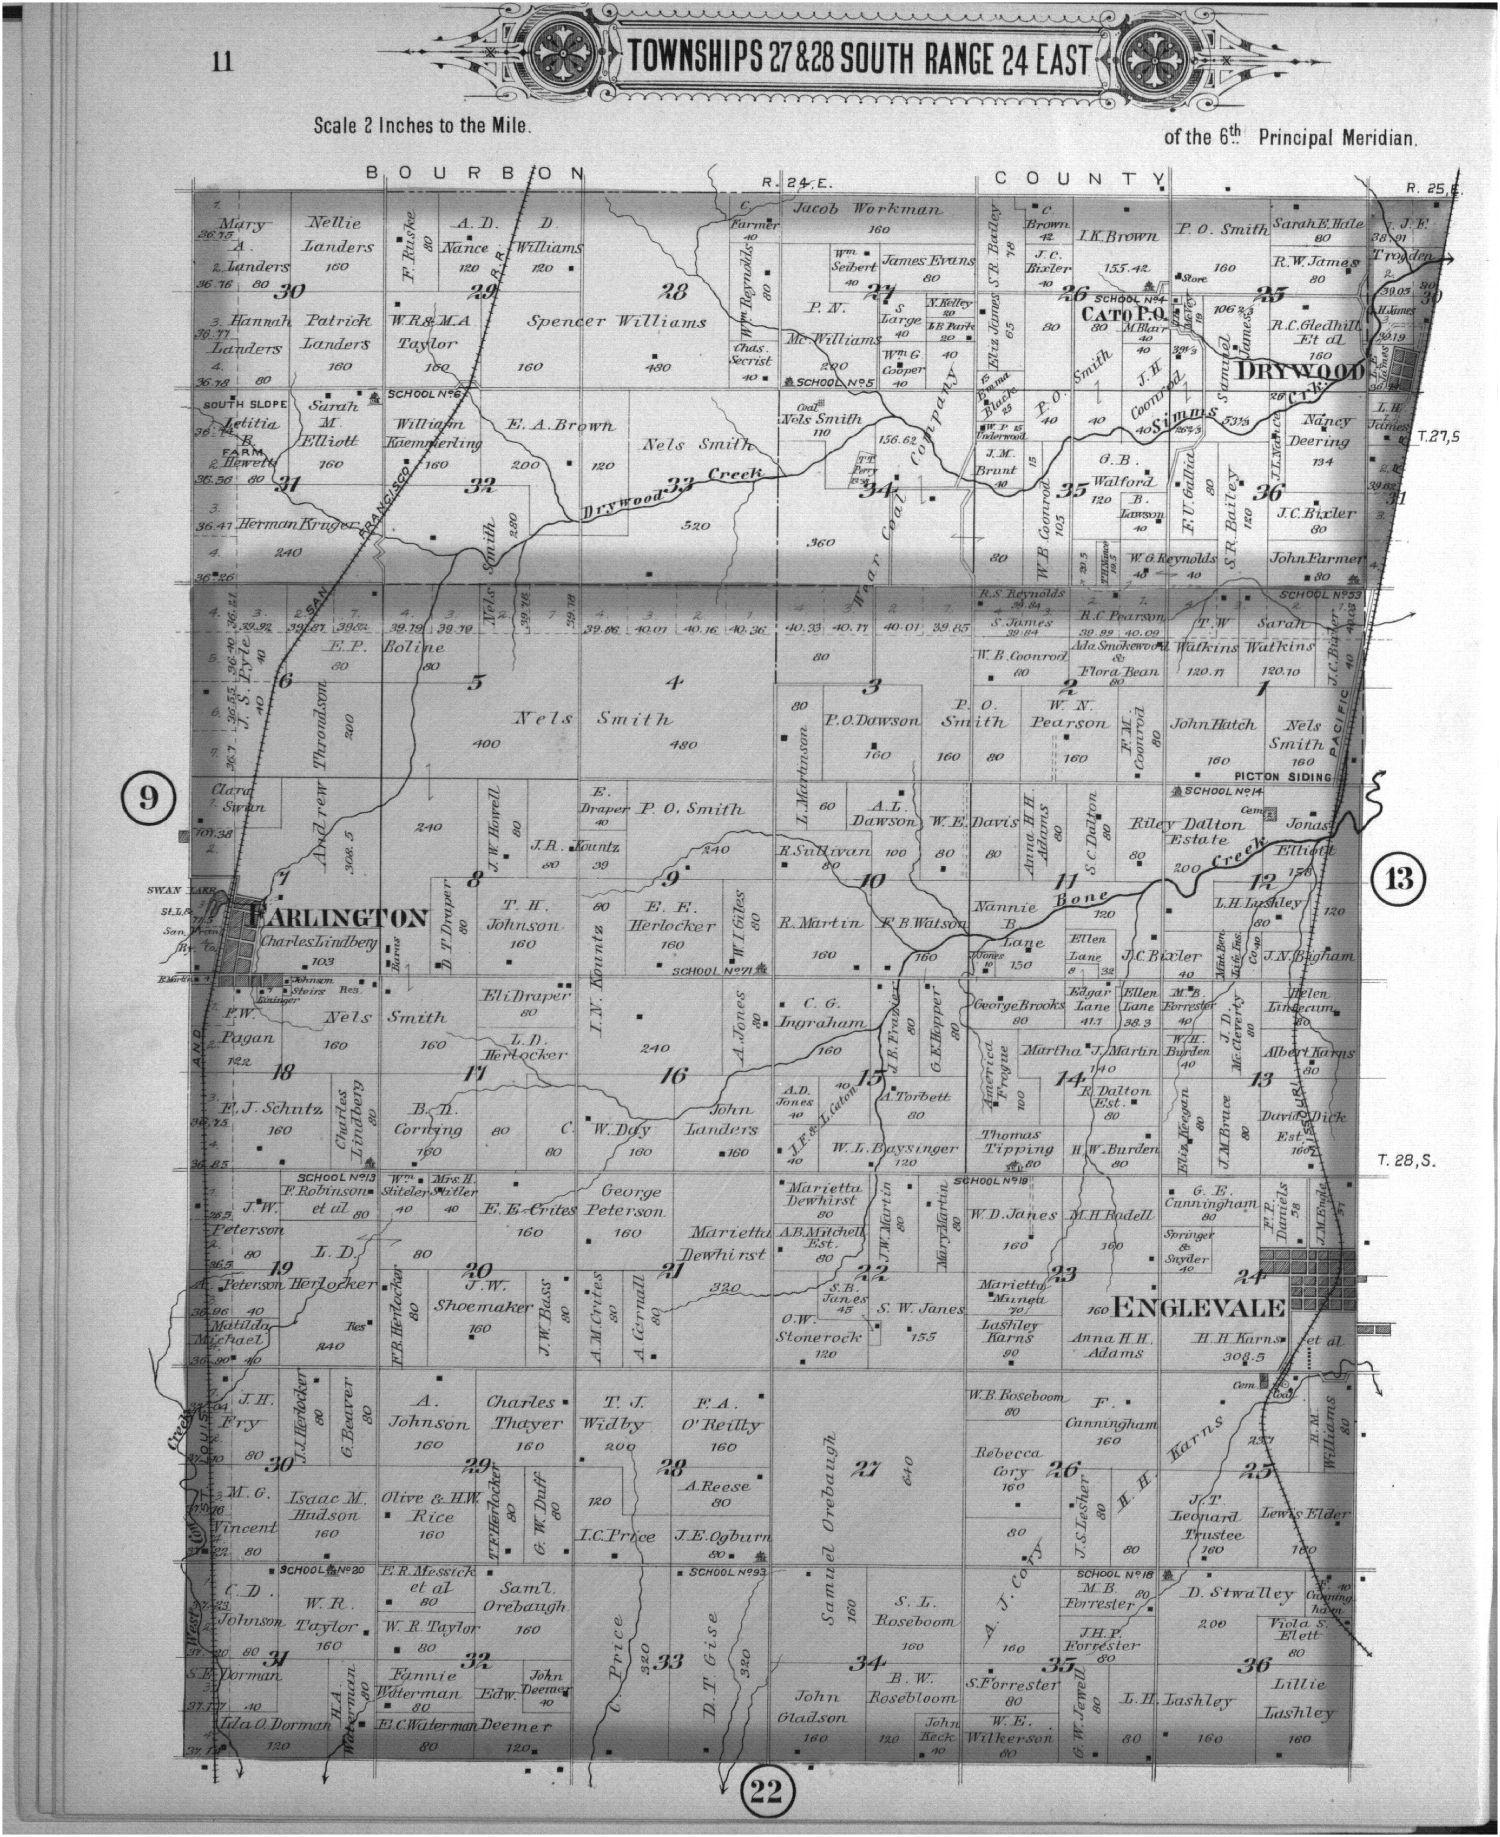 Plat book, Crawford County, Kansas - 8